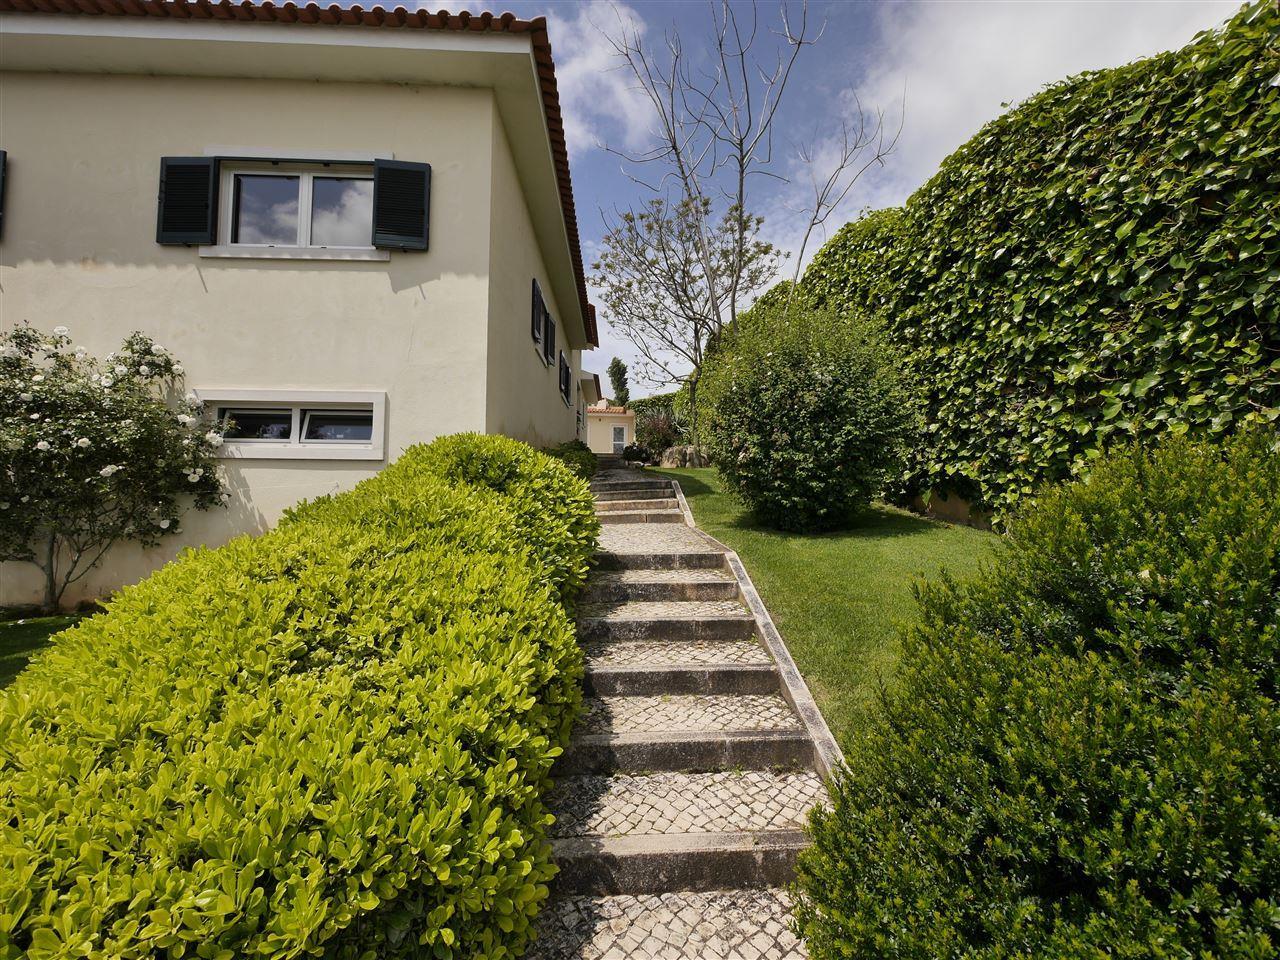 Maison unifamiliale pour l Vente à House, 4 bedrooms, for Sale Oeiras, Lisbonne, 2730-205 Portugal